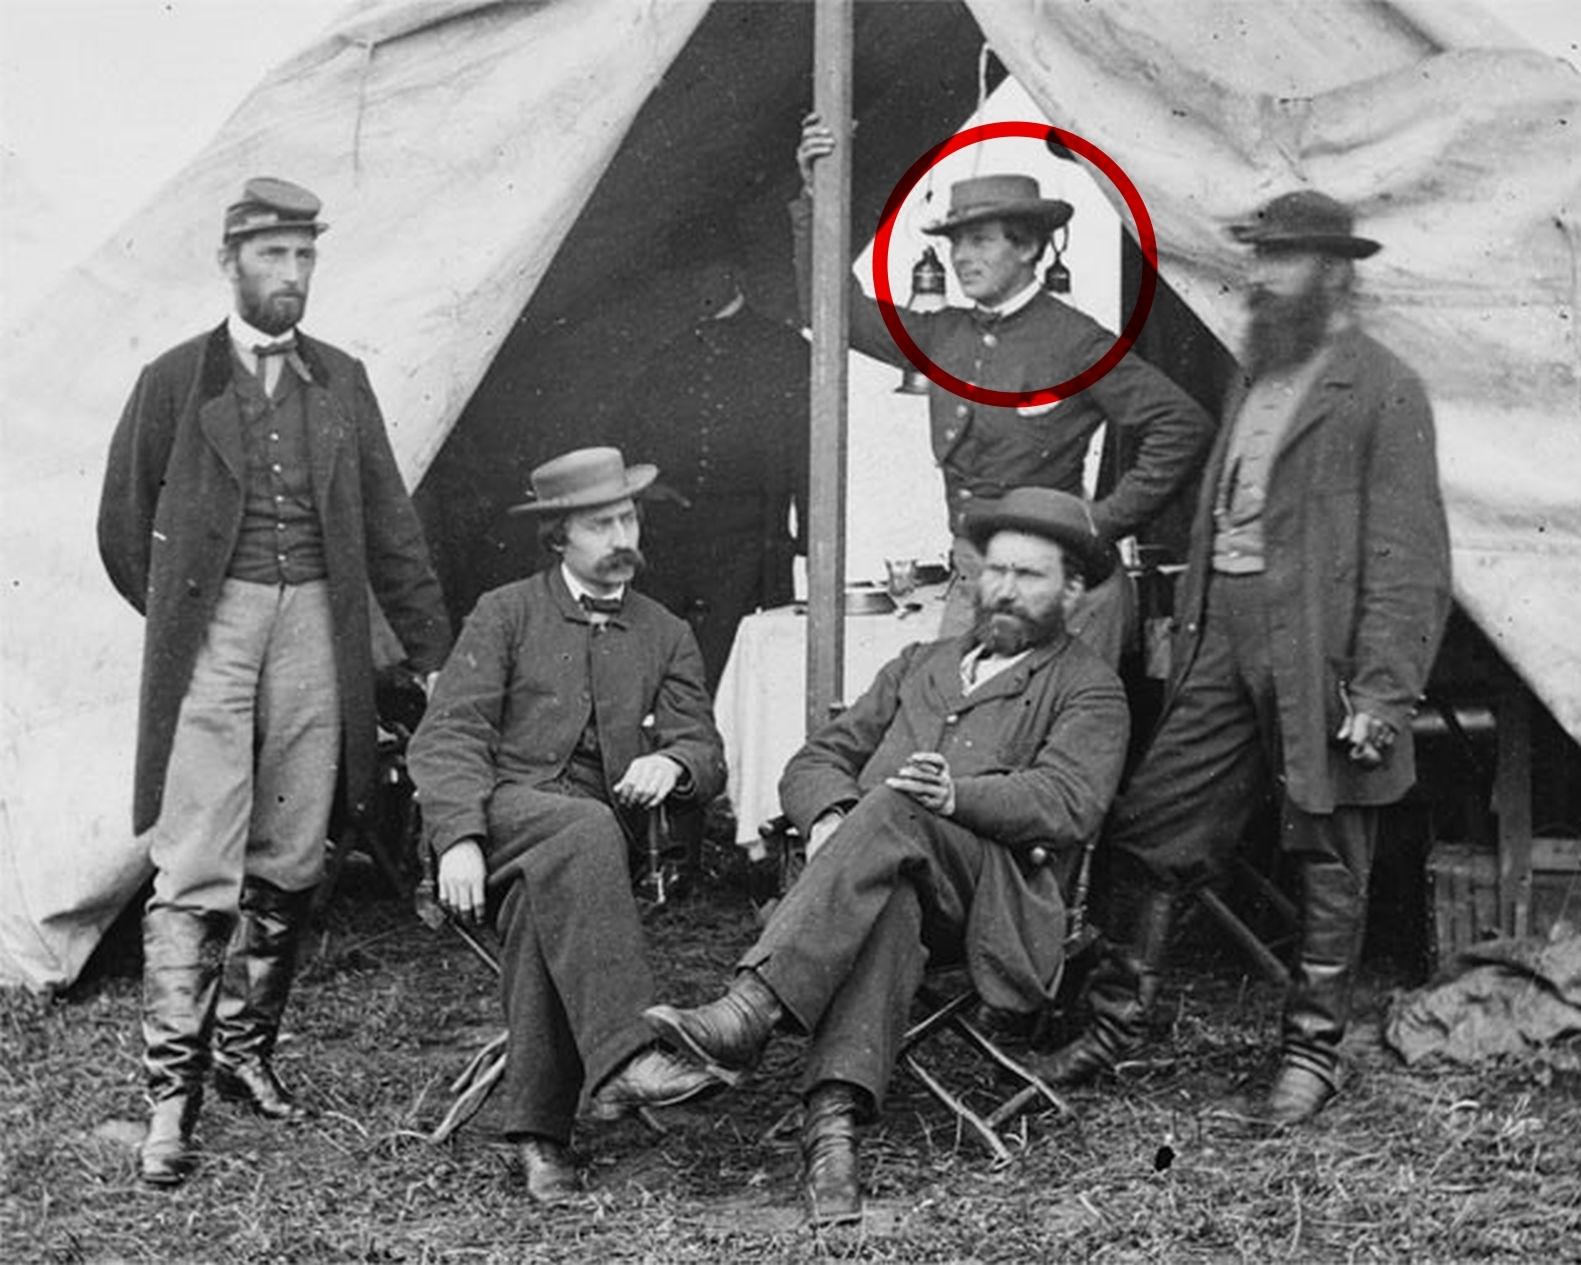 Imagen de Kate Warne (círculo rojo) y Allan Pinkerton, sentado justo delante de ella.